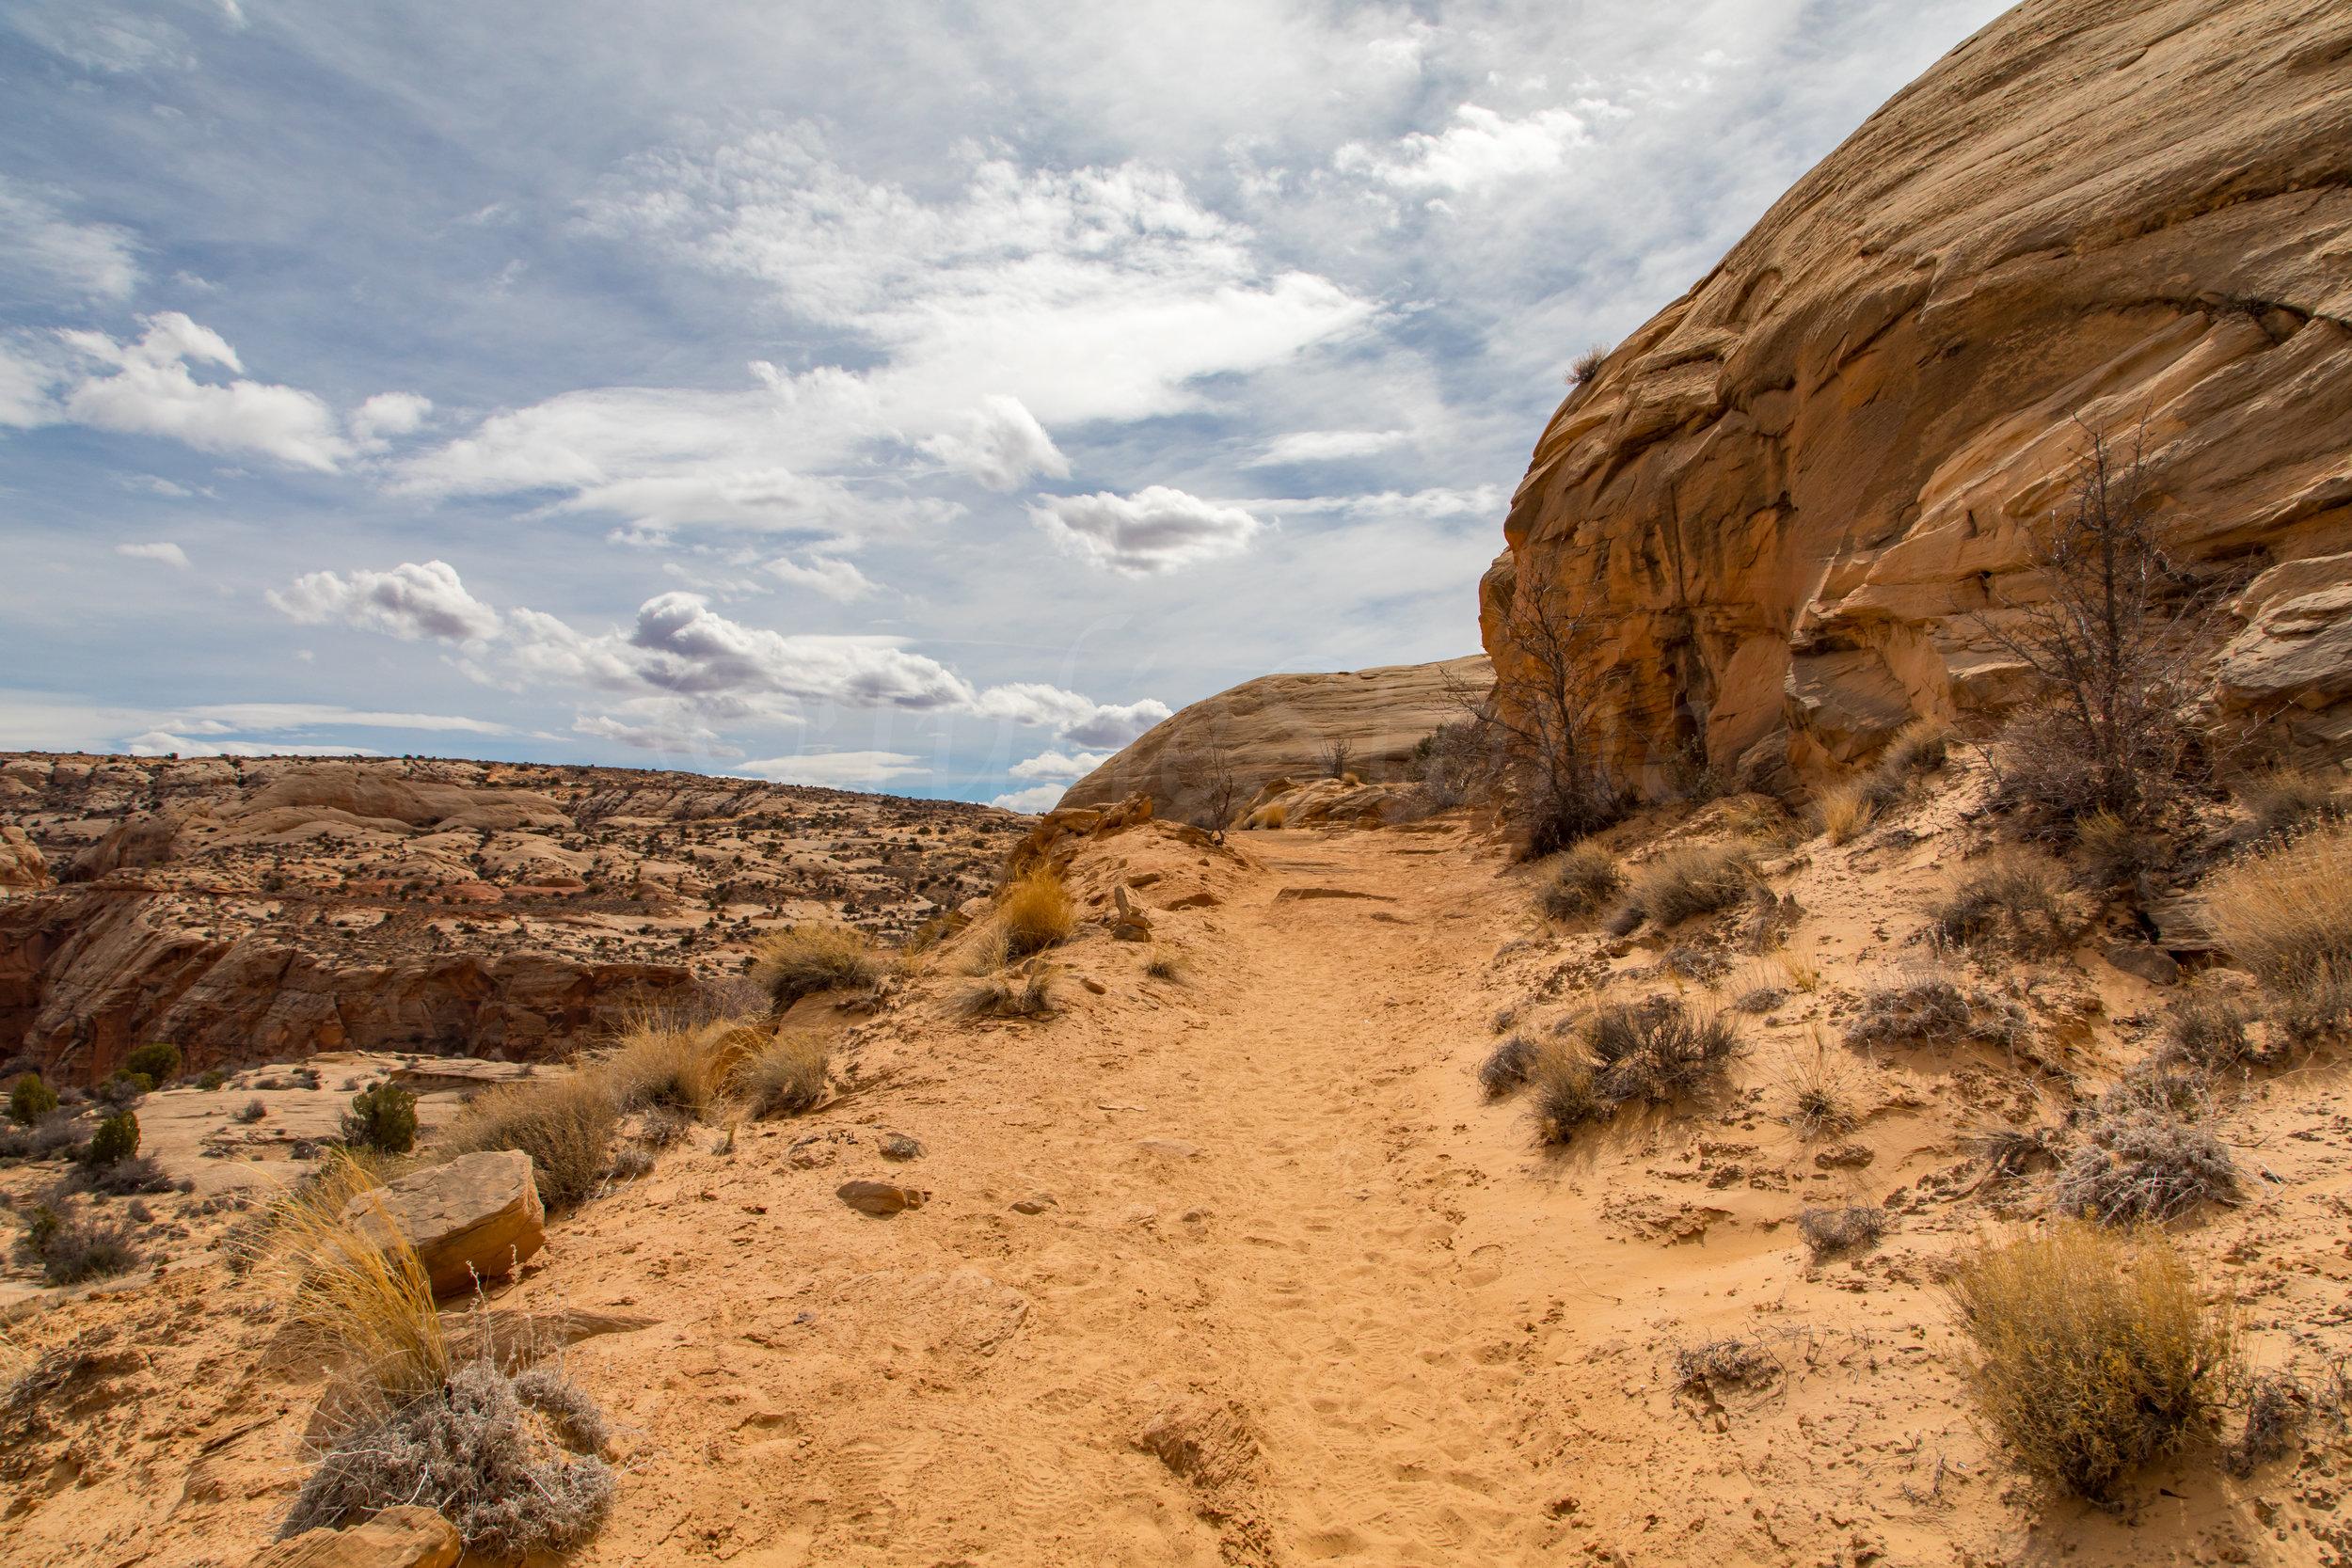 Horseshoe Canyon, Image # 9282